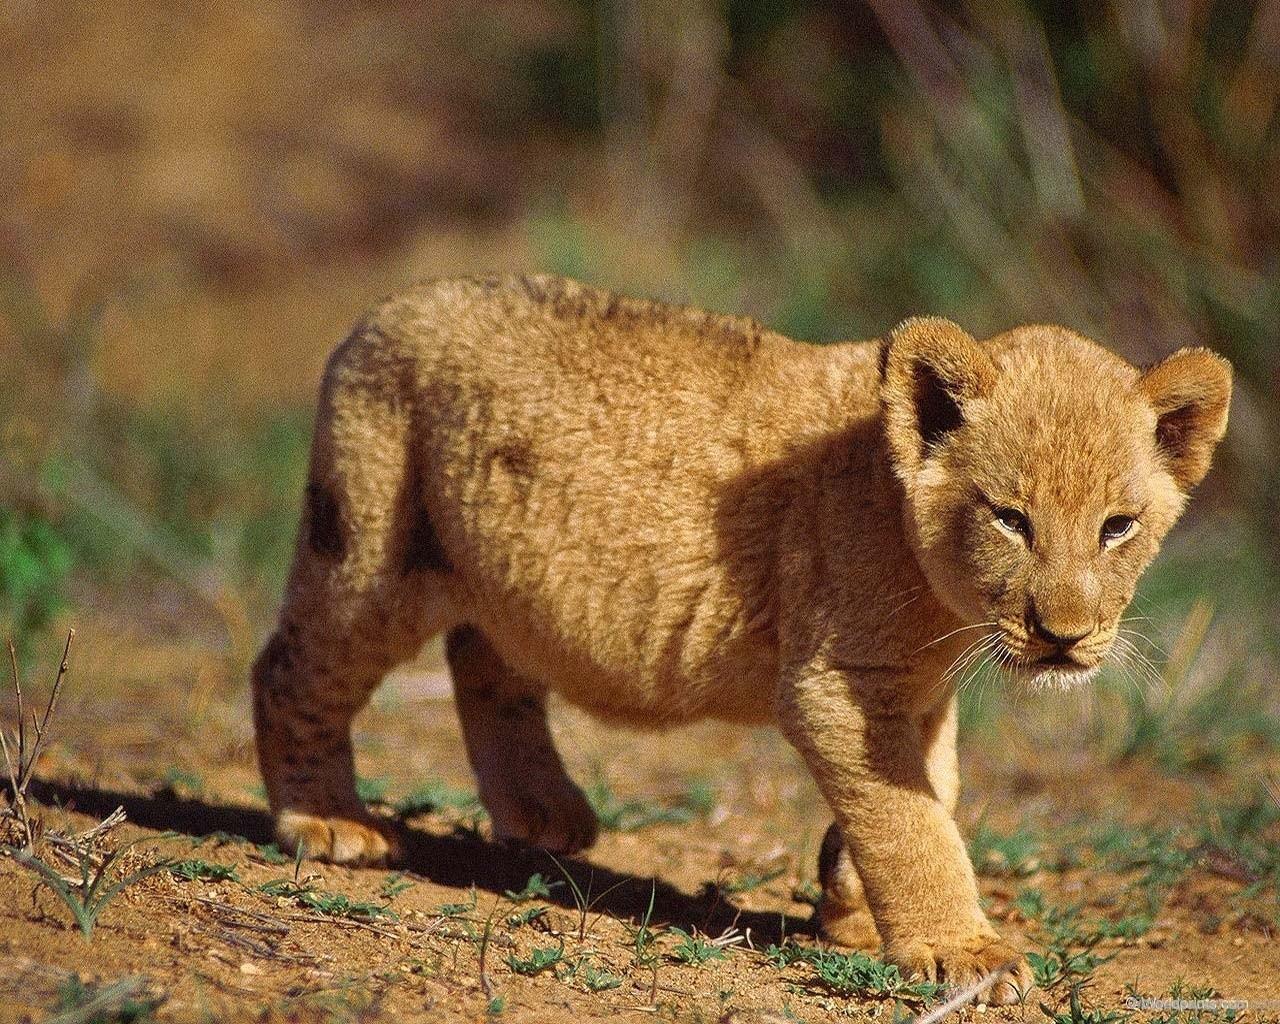 Cute Lion Cubs Wallpaper Wallpapersafari